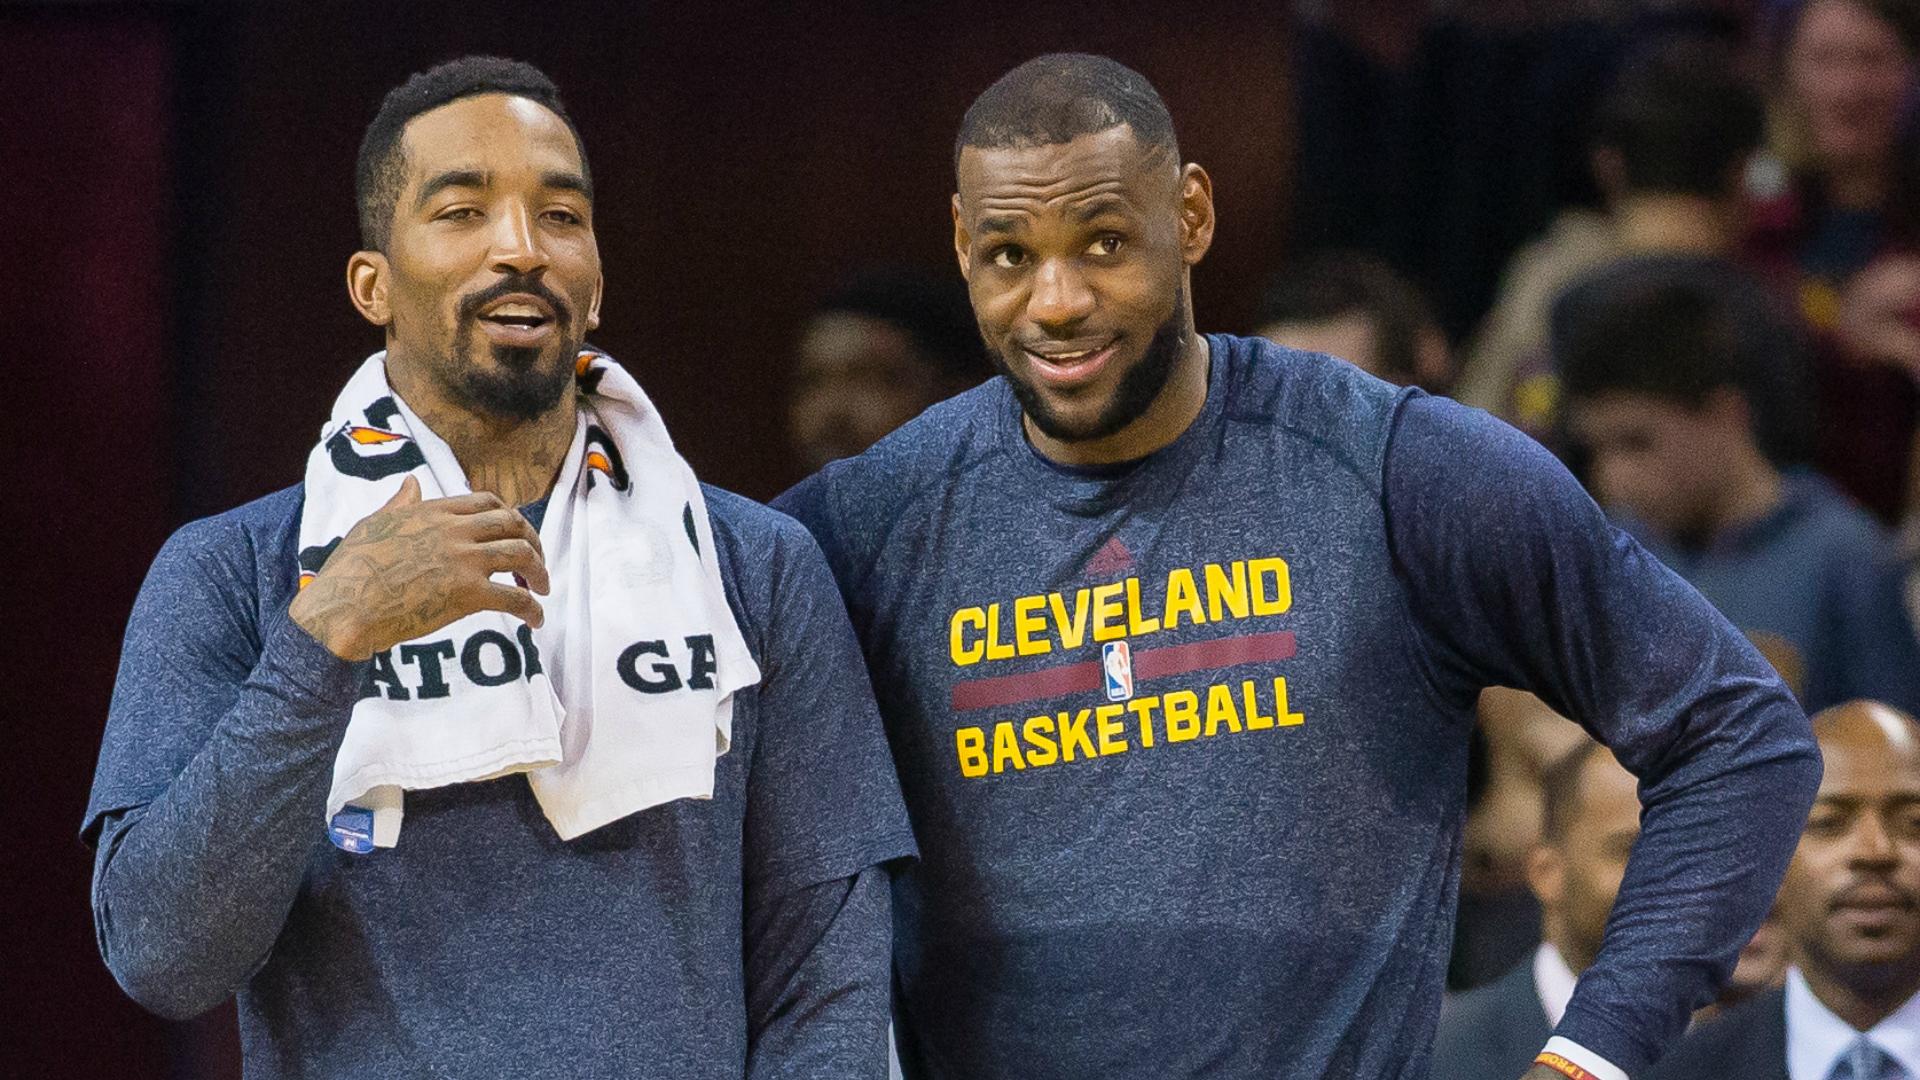 J.R. Smith and LeBron James.